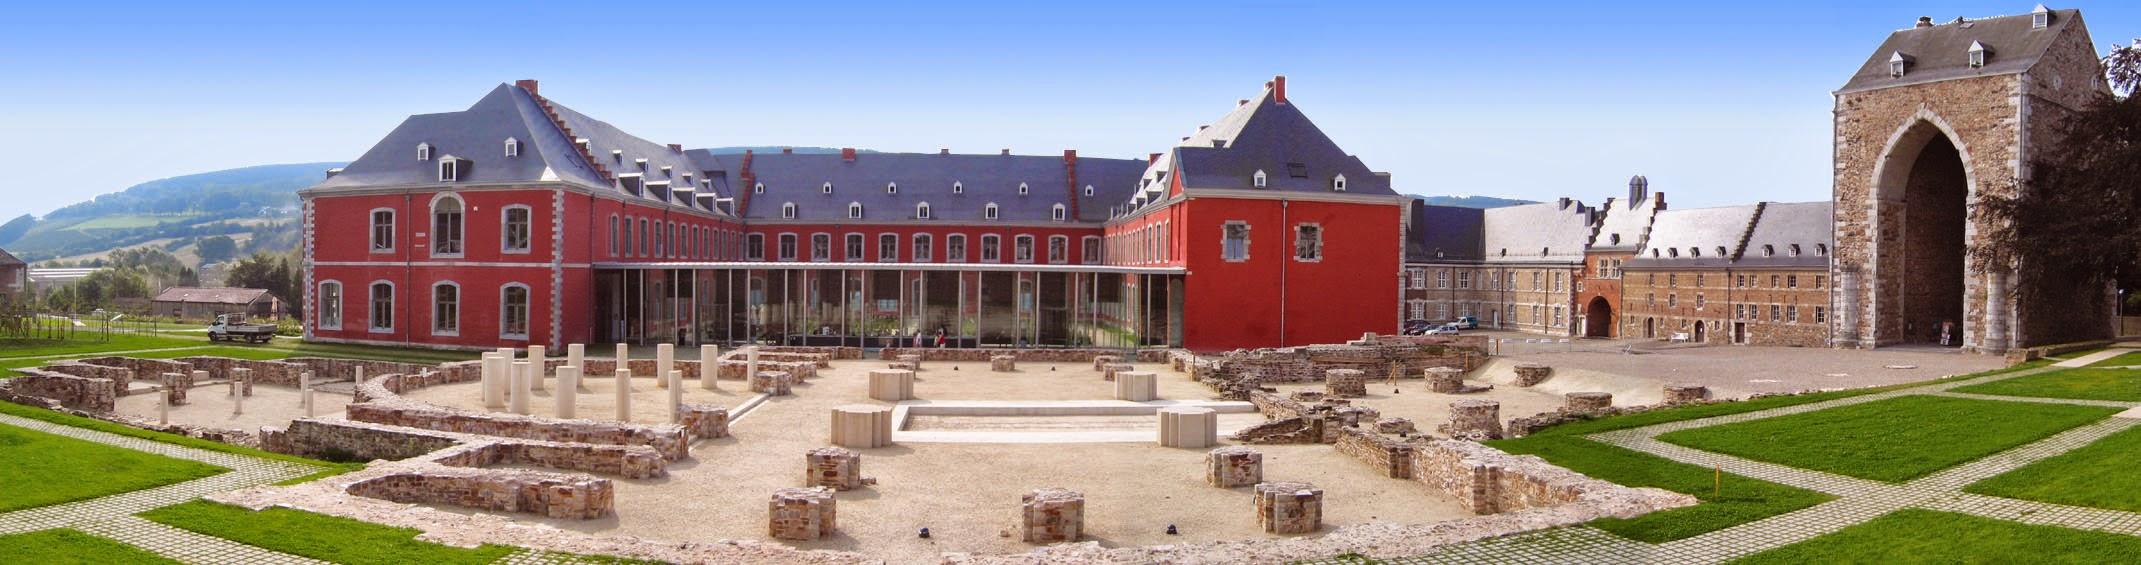 De abdij van Stavelot (Foto: Imgur)